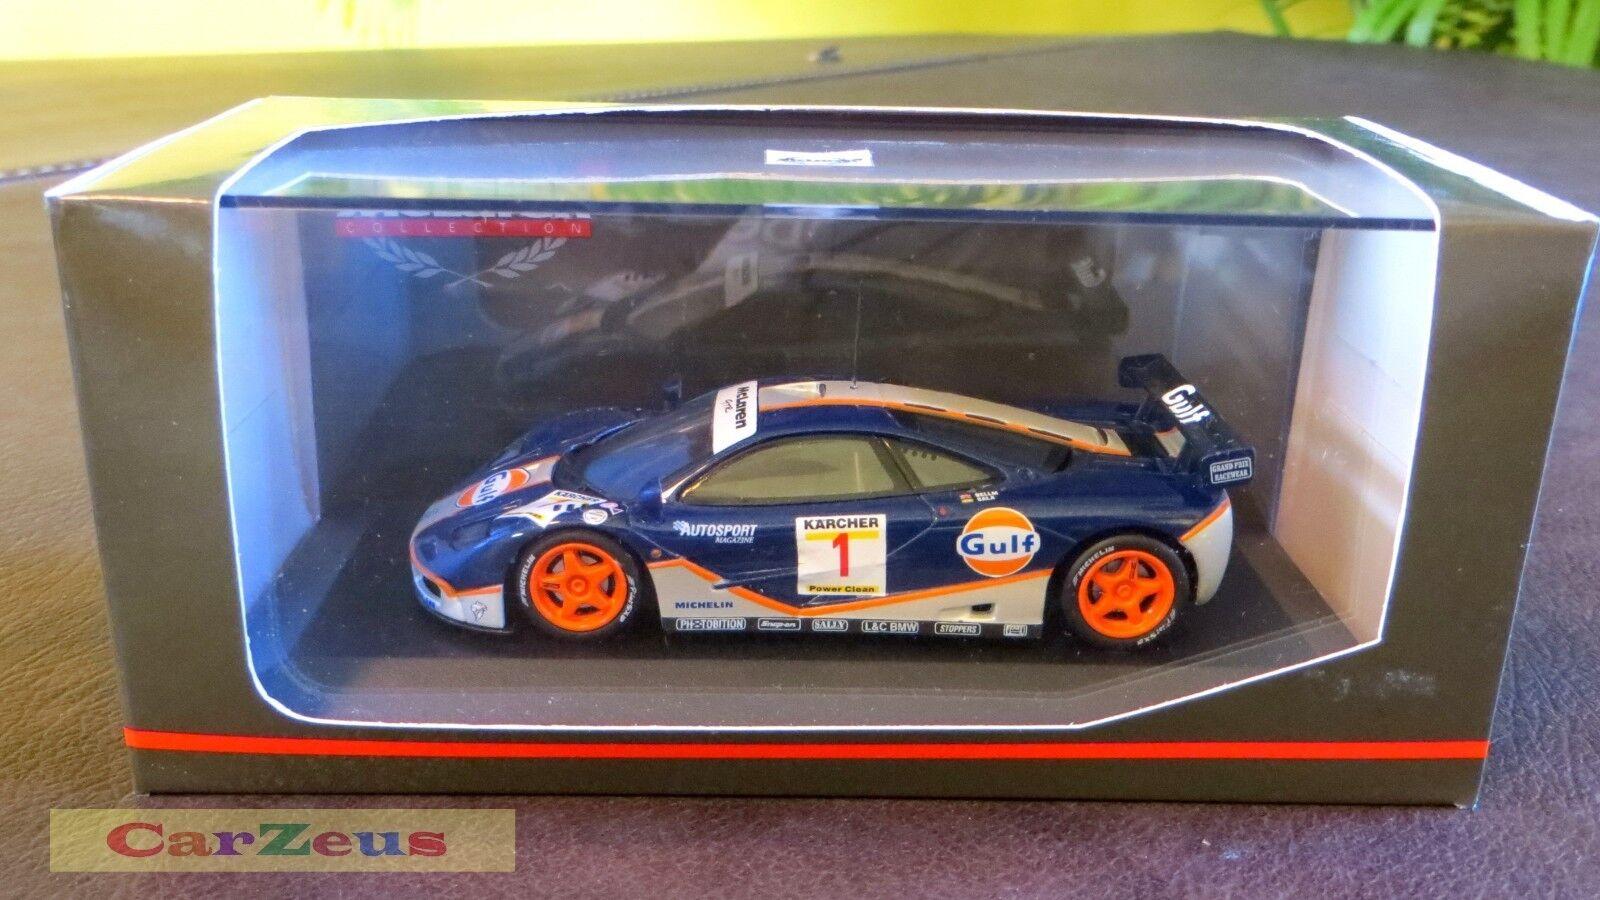 1 43 Minichamps, McLaren F1 GTR, 4hr Nürburgring 1995, 1995, 1995, Gulf Racing WINNER 8a5f59